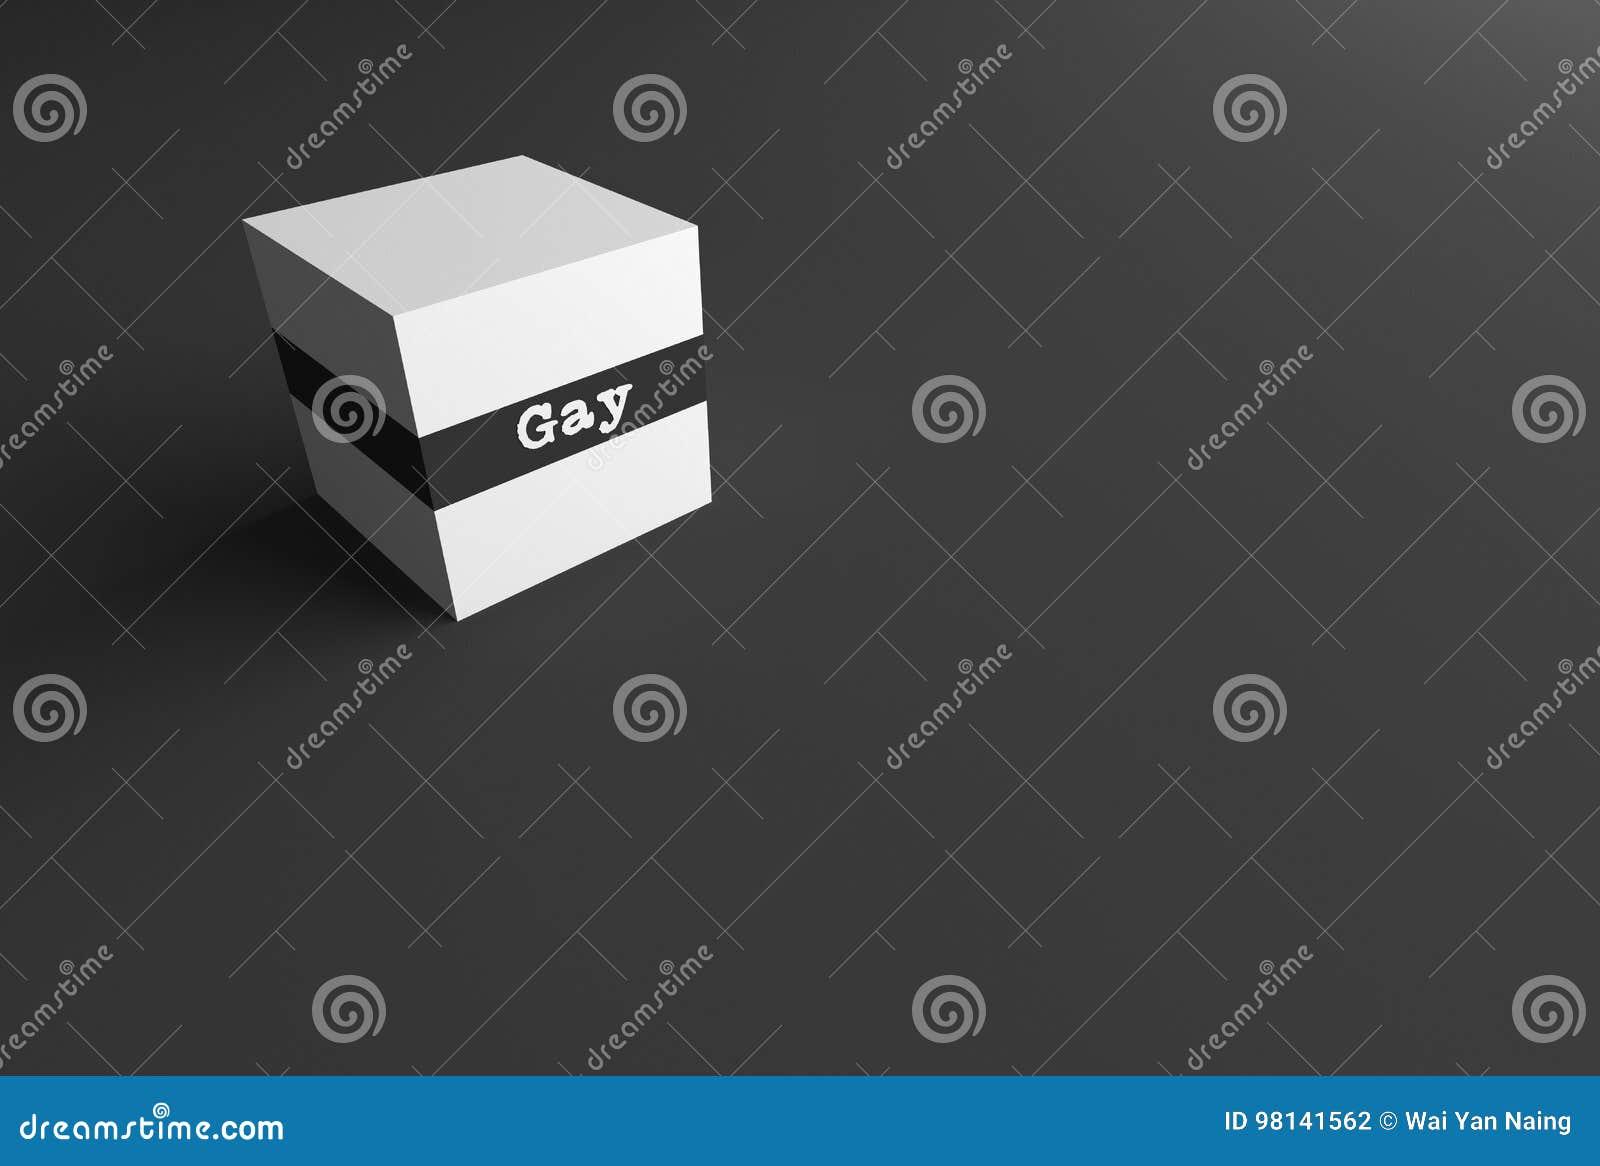 define bm top gay